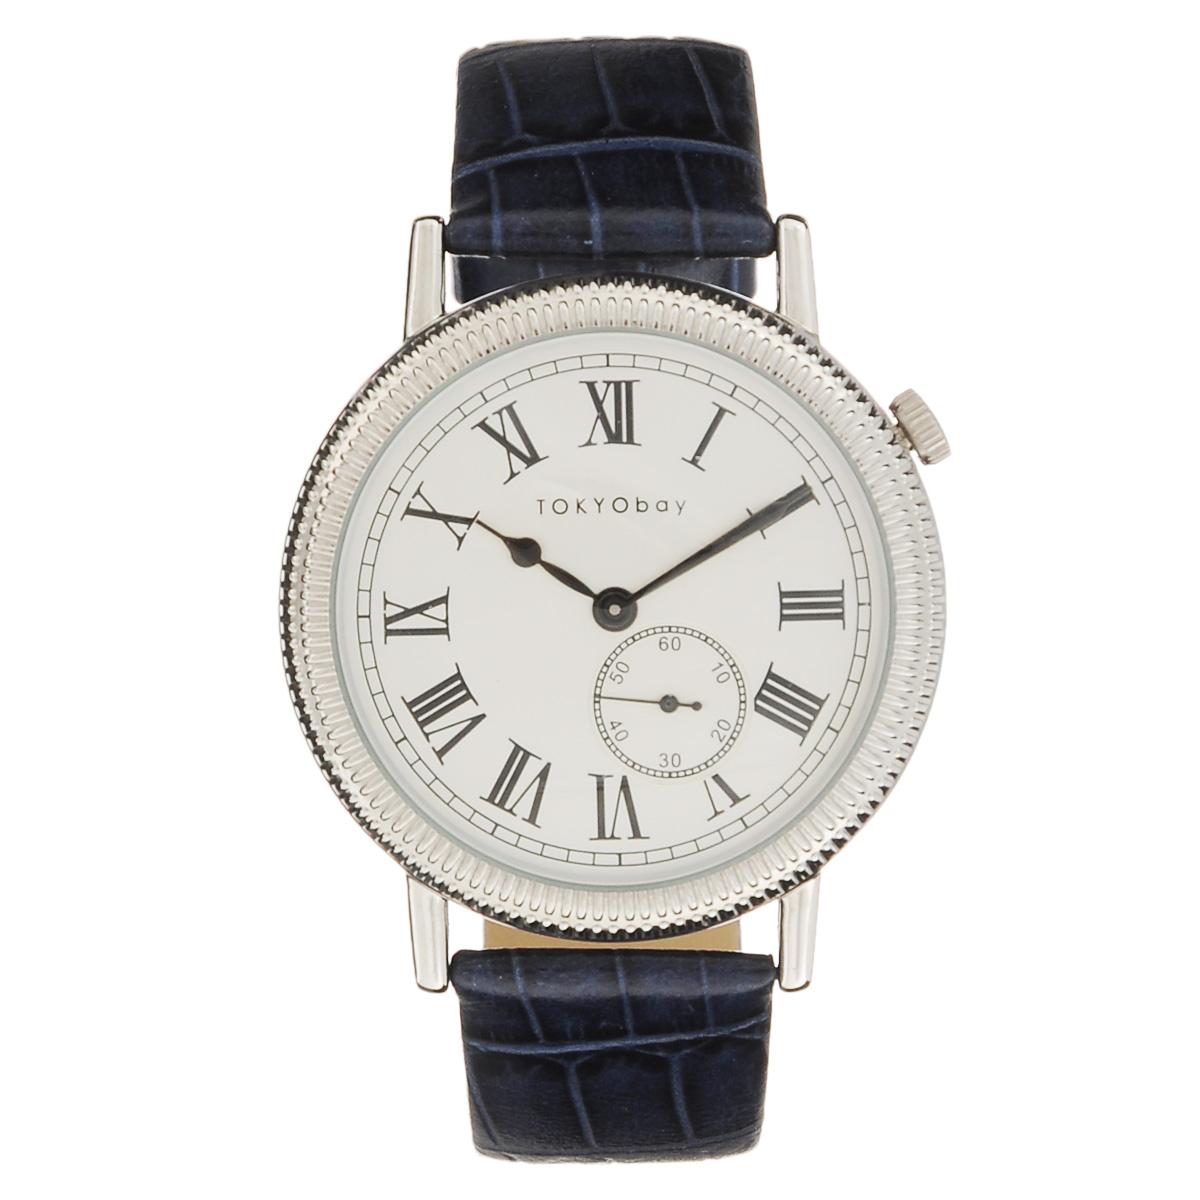 Часы женские наручные Tokyobay Roman Holiday, цвет: синий. T330-BLT330-BLНаручные часы Tokyobay - это стильное дополнение к вашему неповторимому образу. Эти часы созданы для современных женщин, ценящих стиль, качество и практичность. Часы оснащены японским кварцевым механизмом Miyota. Корпус выполнен из сплава металлов, не содержащего никель. Задняя крышка изготовлена из нержавеющей стали. Циферблат декорирован римскими цифрами и имеет отдельный секундный механизм. Ремешок выполнен из натуральной кожи с тиснением под крокодиловую кожу. Часы Tokyobay - это практичный и модный аксессуар, который подчеркнет ваш безупречный вкус. Характеристики: Корпус: 4,1 х 4,1 х 0,7 см. Размер ремешка: 20 х 1,9 см. Не содержит никель. Не водостойкие.